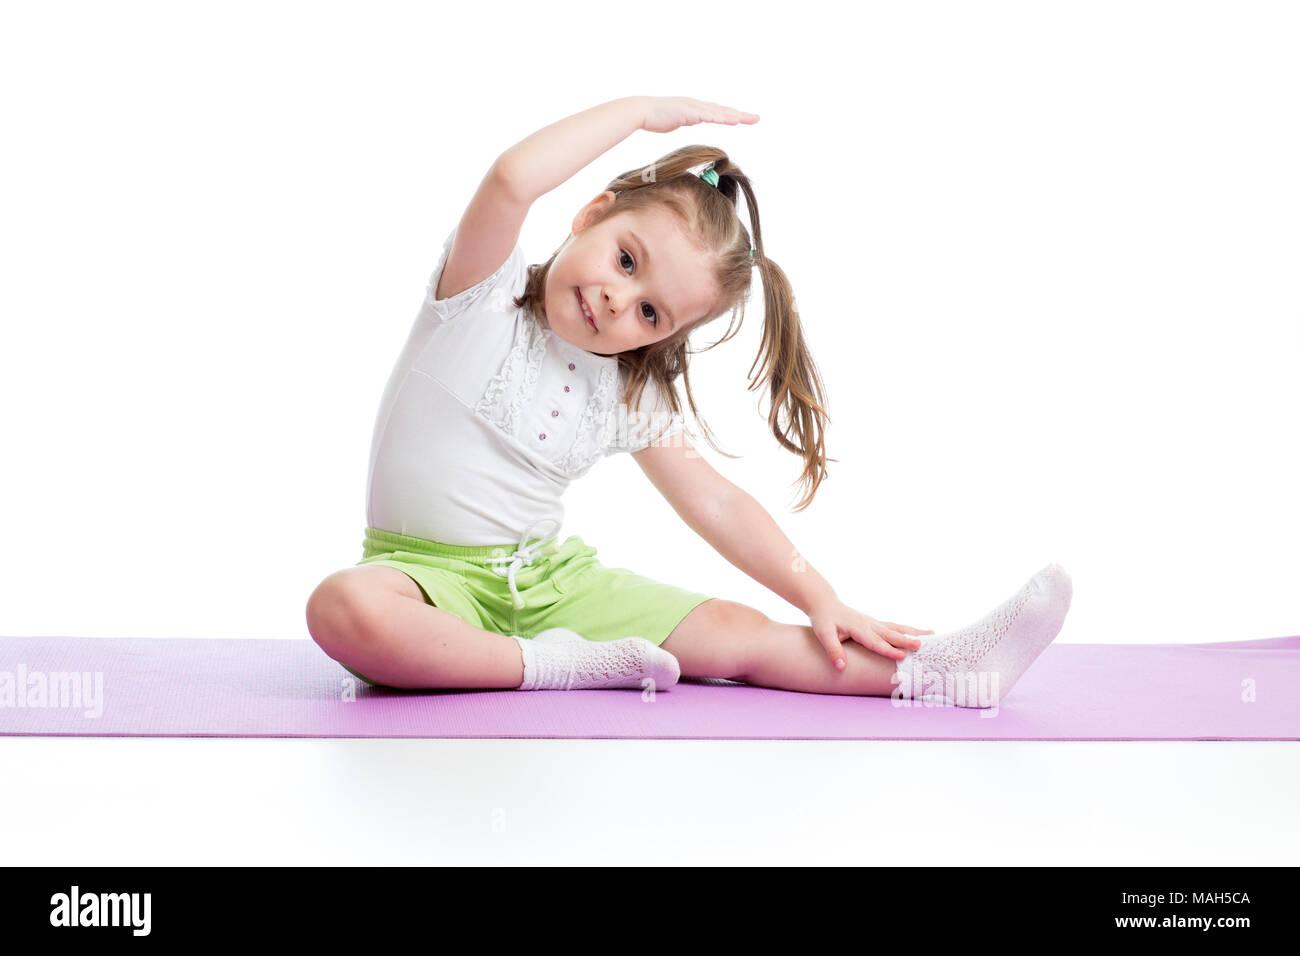 e192f856fe86 Bambino la pratica dello yoga, stretching in esercizio di indossare  abbigliamento sportivo. Kid isolate su sfondo bianco